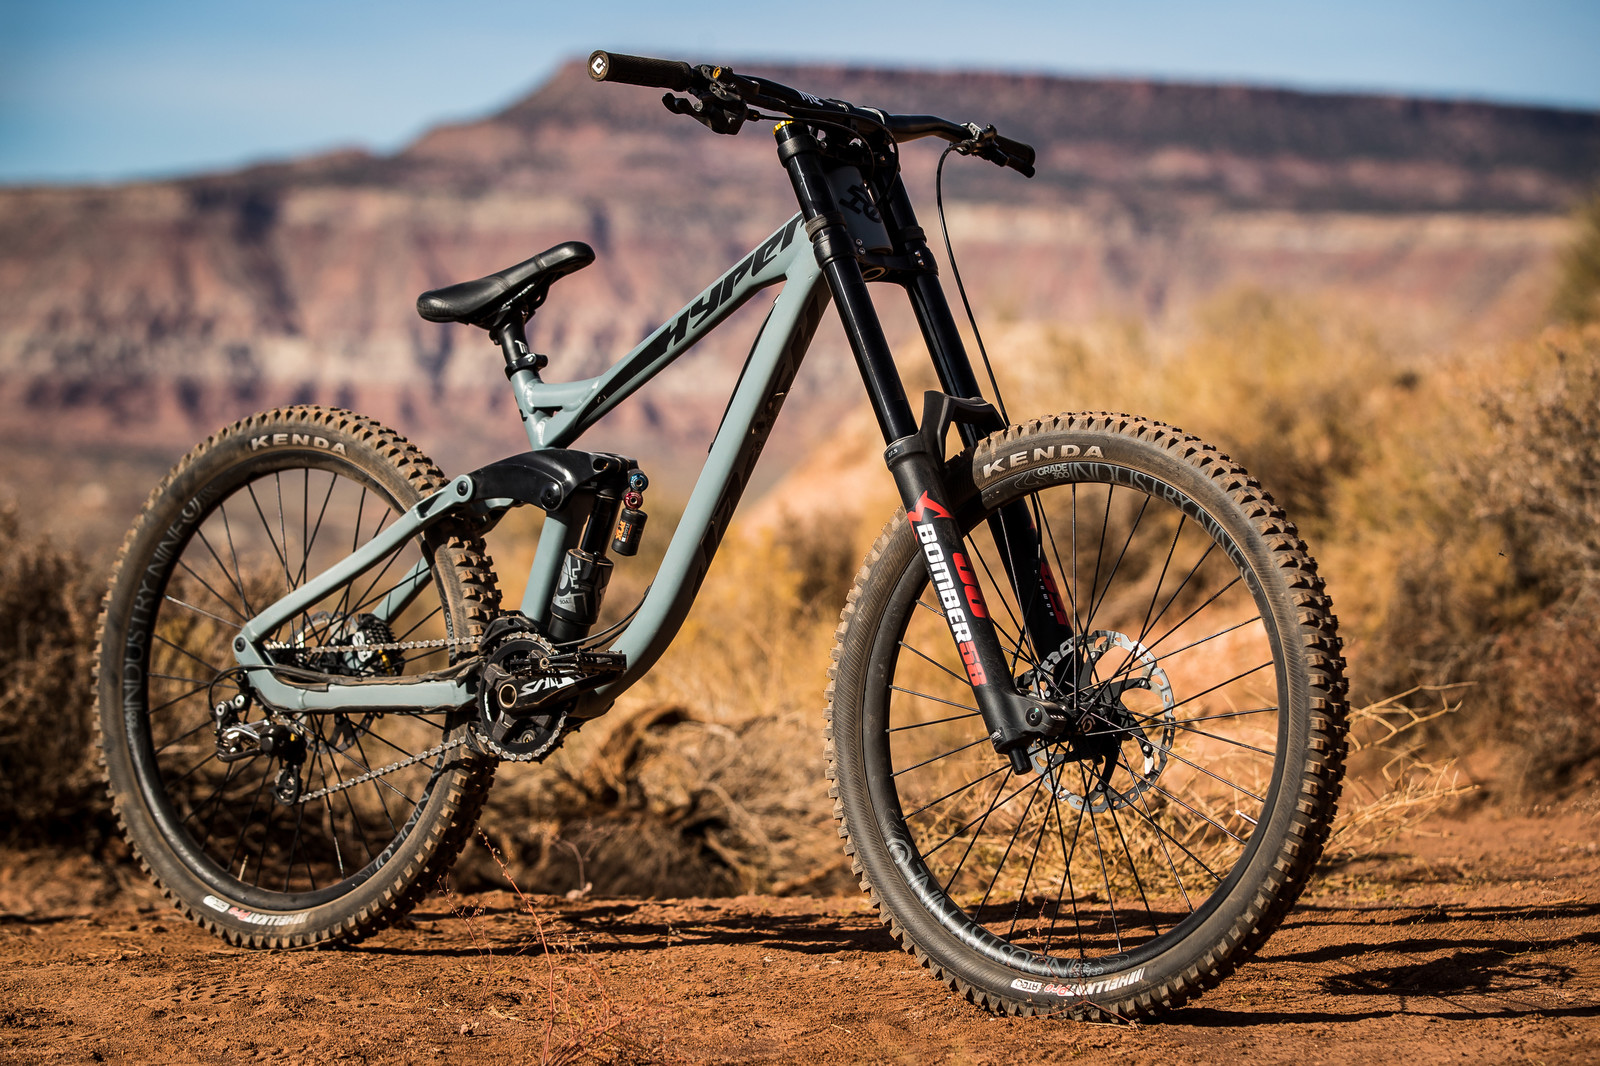 RAMPAGE BIKE - Tom van Steenbergen's Hyper - RAMPAGE BIKE - Tom van Steenbergen's Hyper - Mountain Biking Pictures - Vital MTB